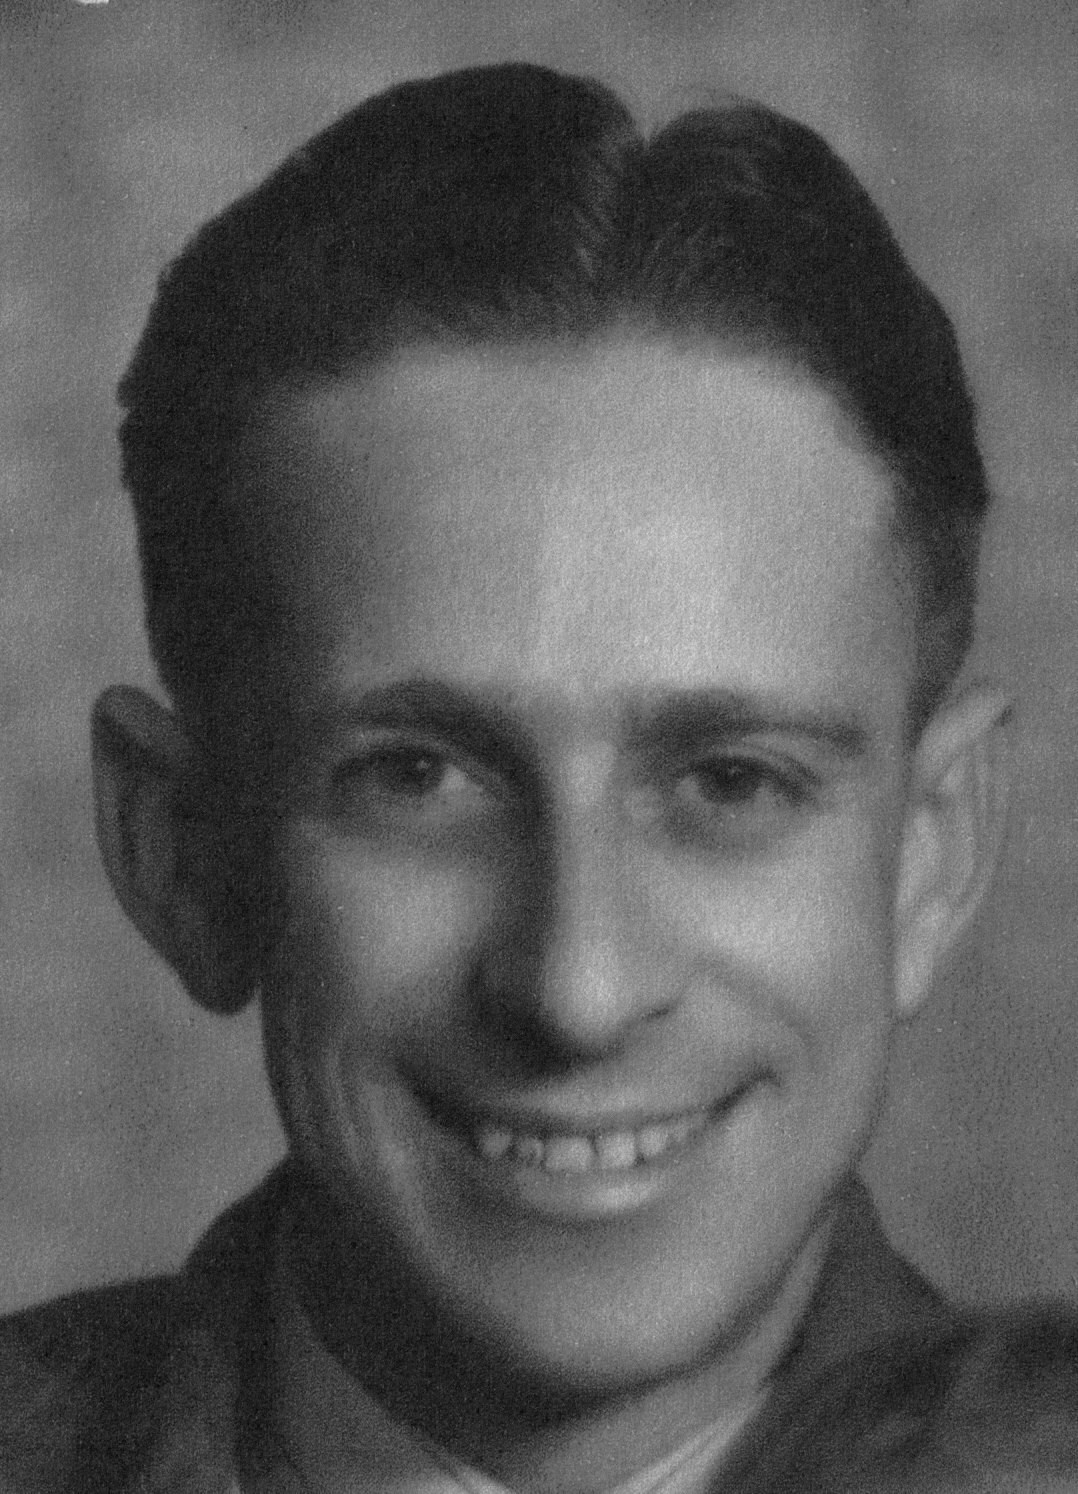 Bert Needham